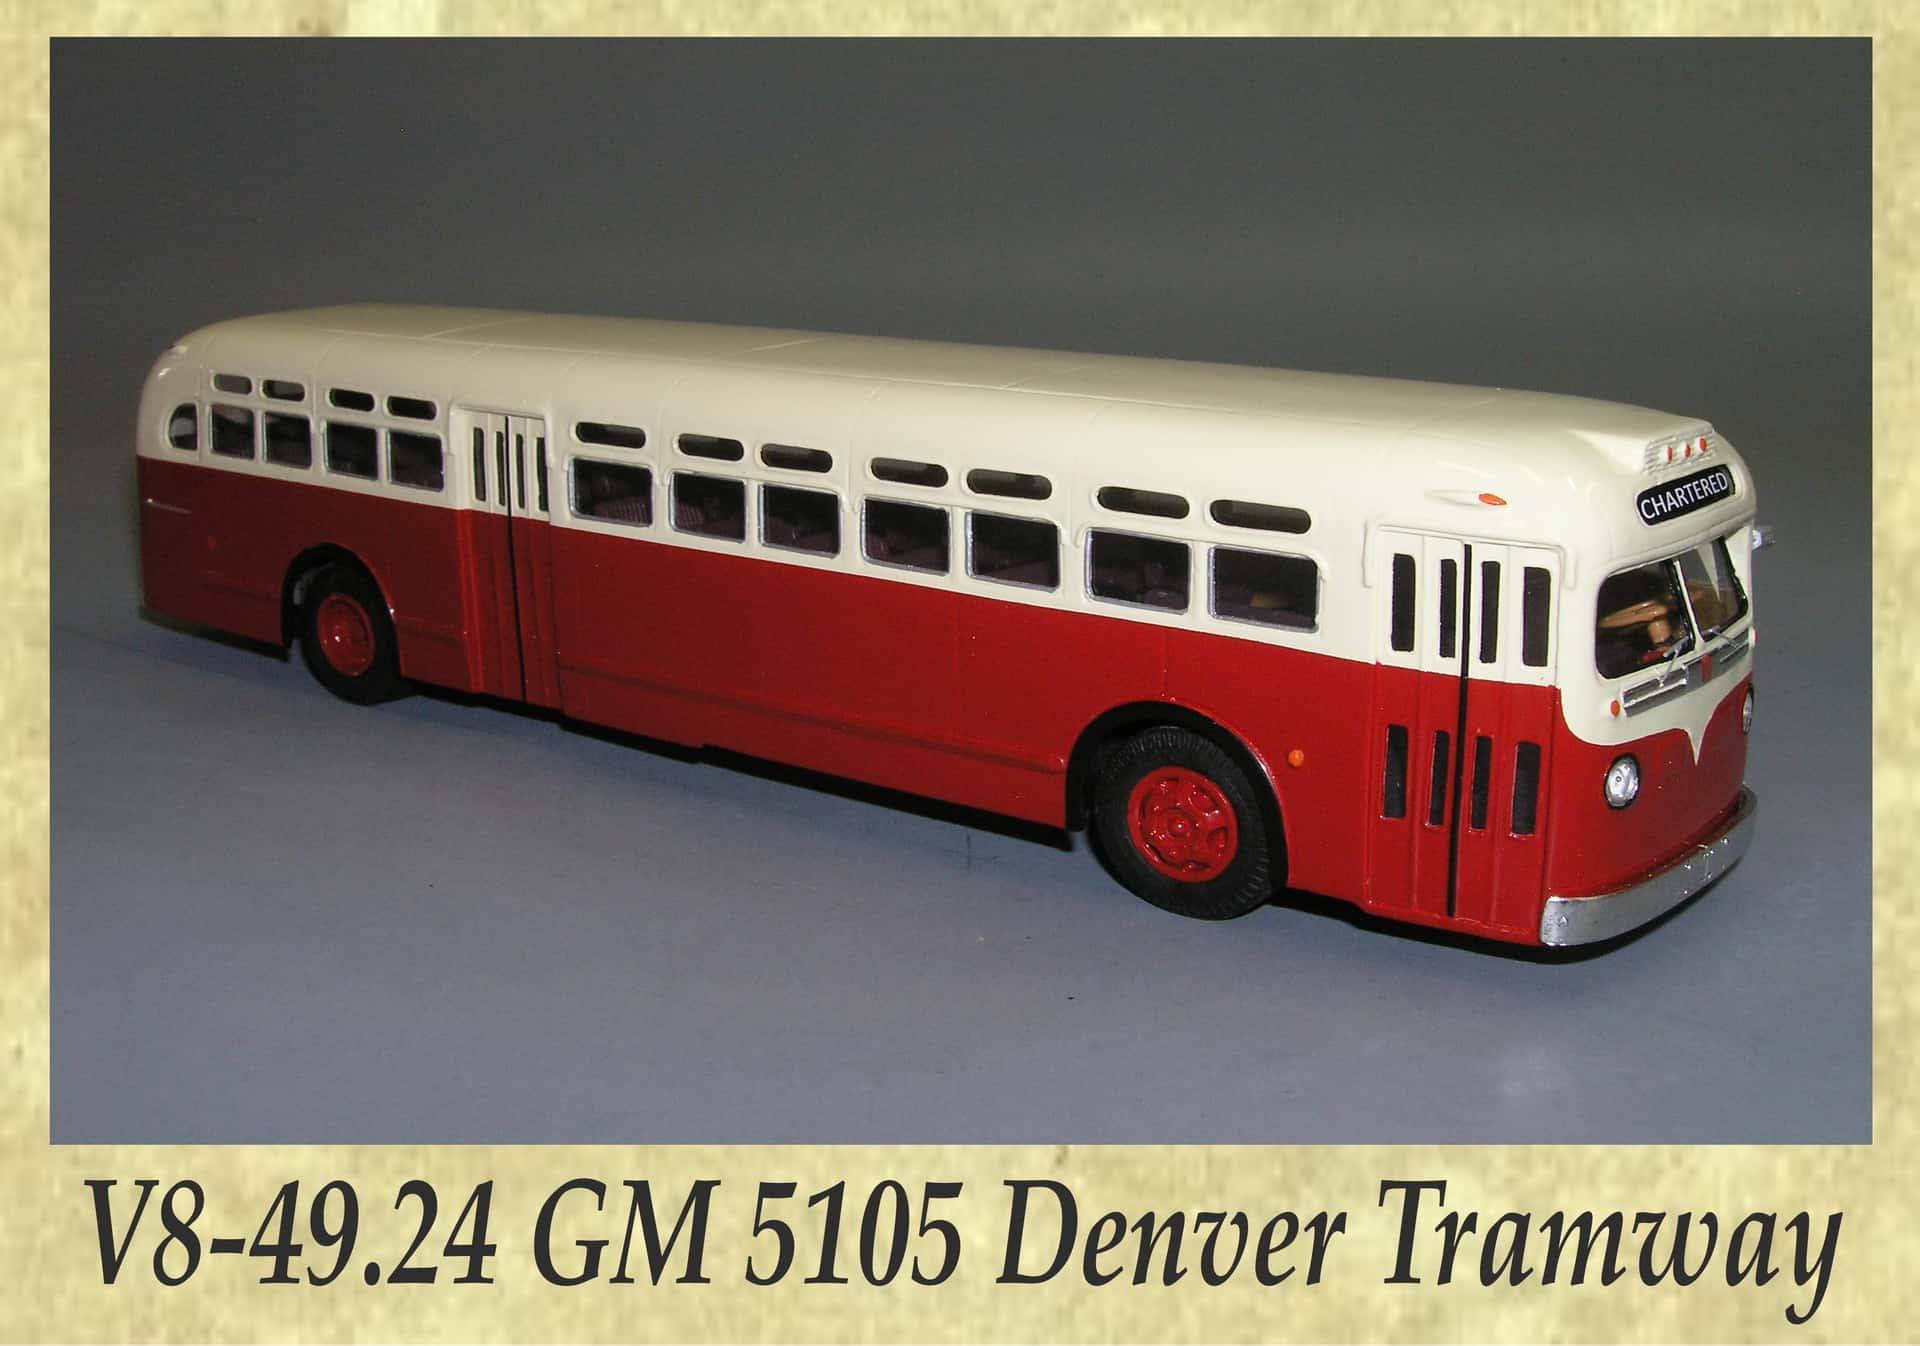 V8-49.24 GM 5105 Denver Tramway